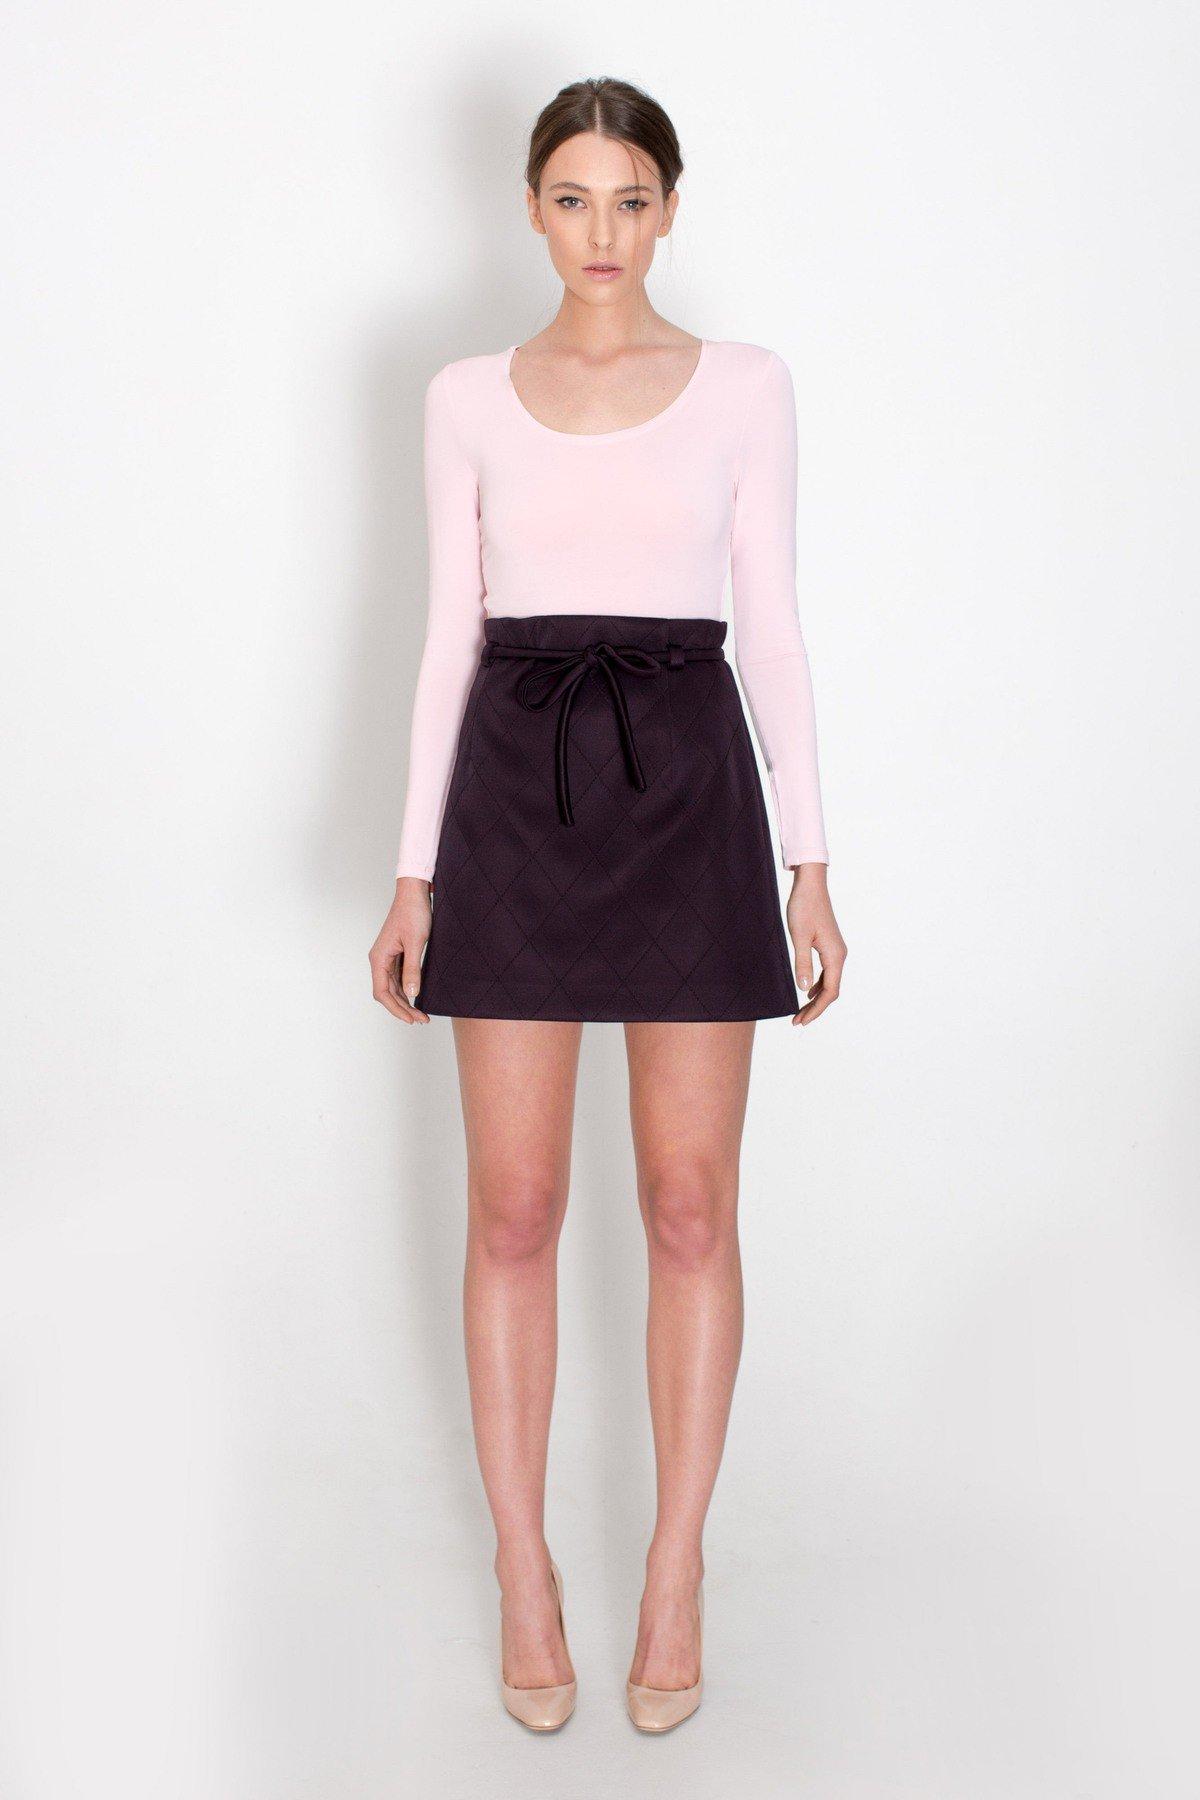 юбка-трапеция темно-бордовая со шнуровкой